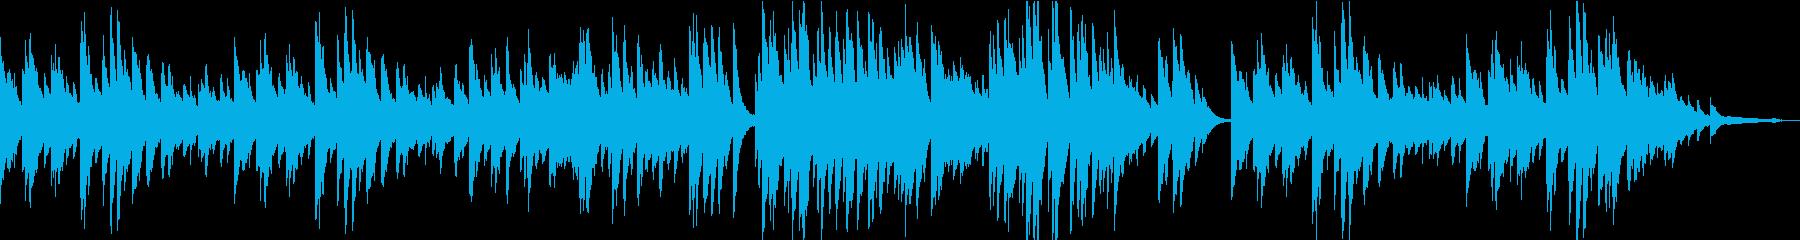 穏やかで優しいピアノBGMの再生済みの波形